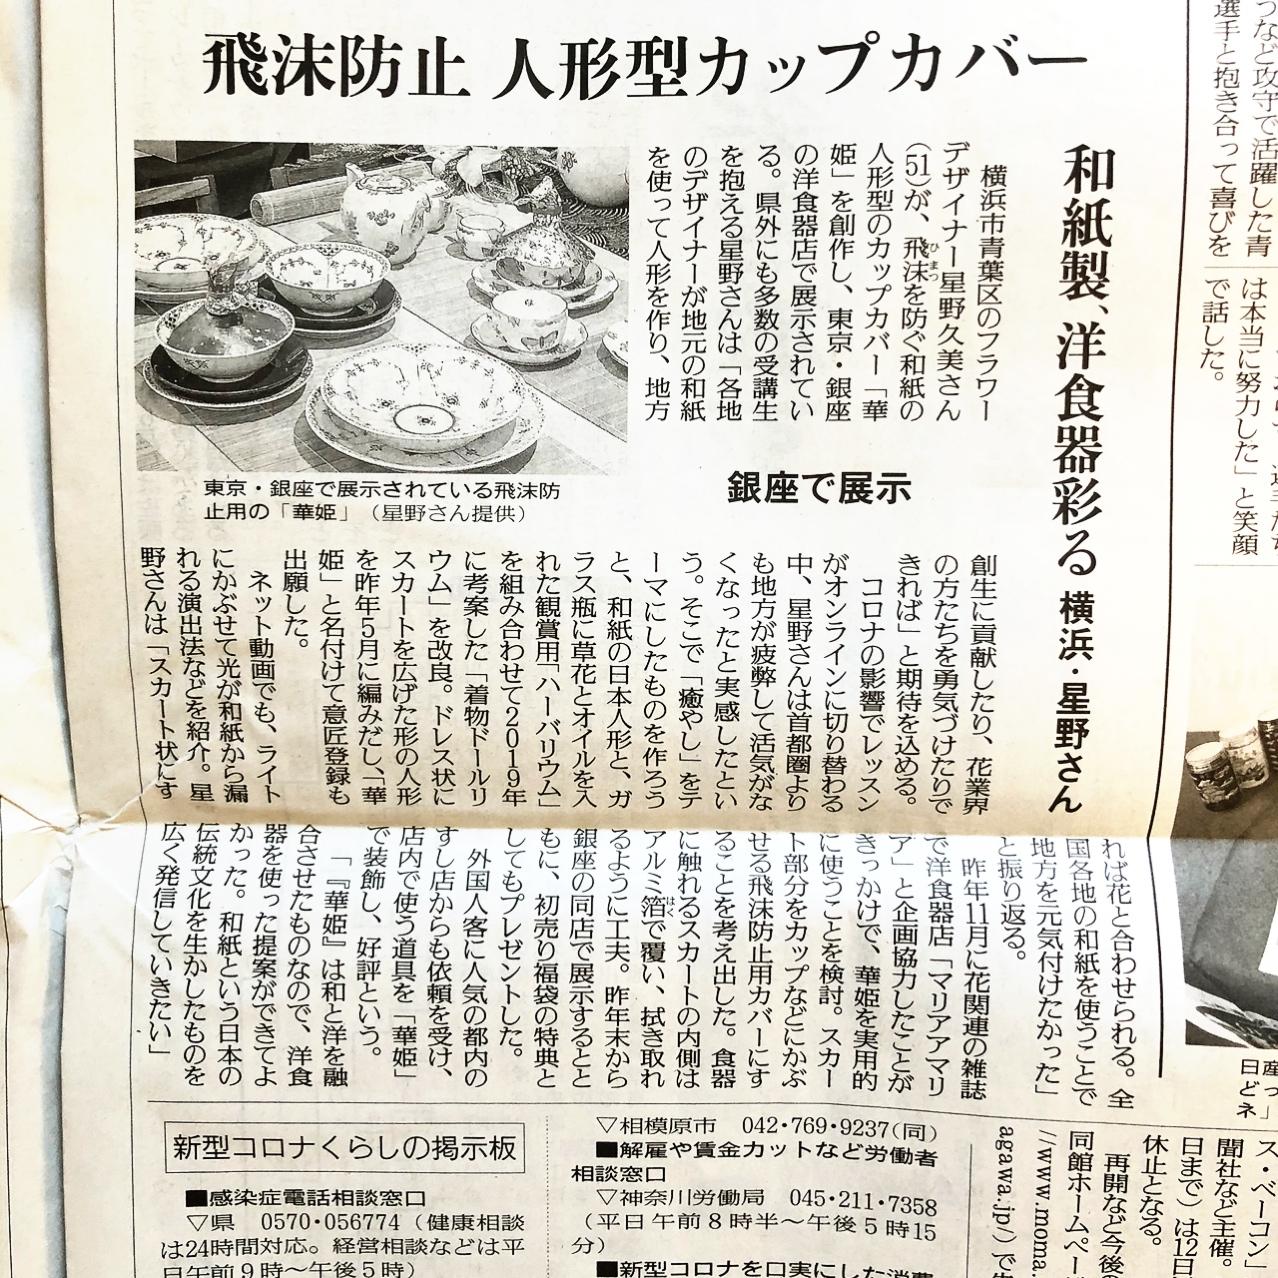 読売新聞に掲載